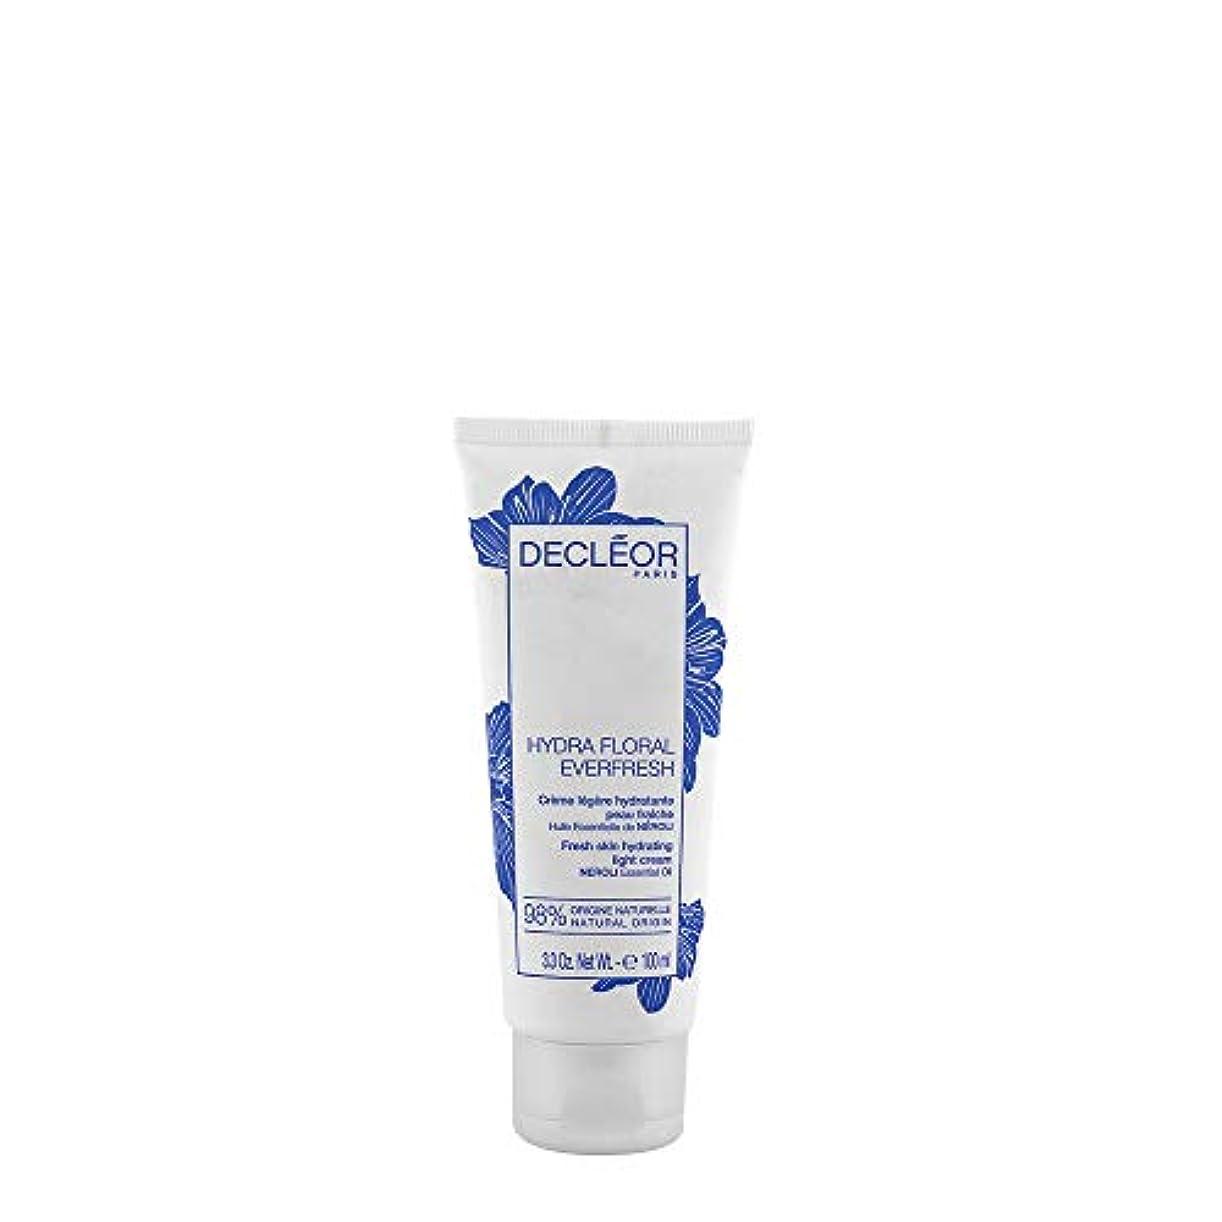 高潔な晩餐同行するデクレオール Hydra Floral Everfresh Fresh Skin Hydrating Light Cream - For Dehydrated Skin (Limited Edition) 100ml/3.3oz並行輸入品